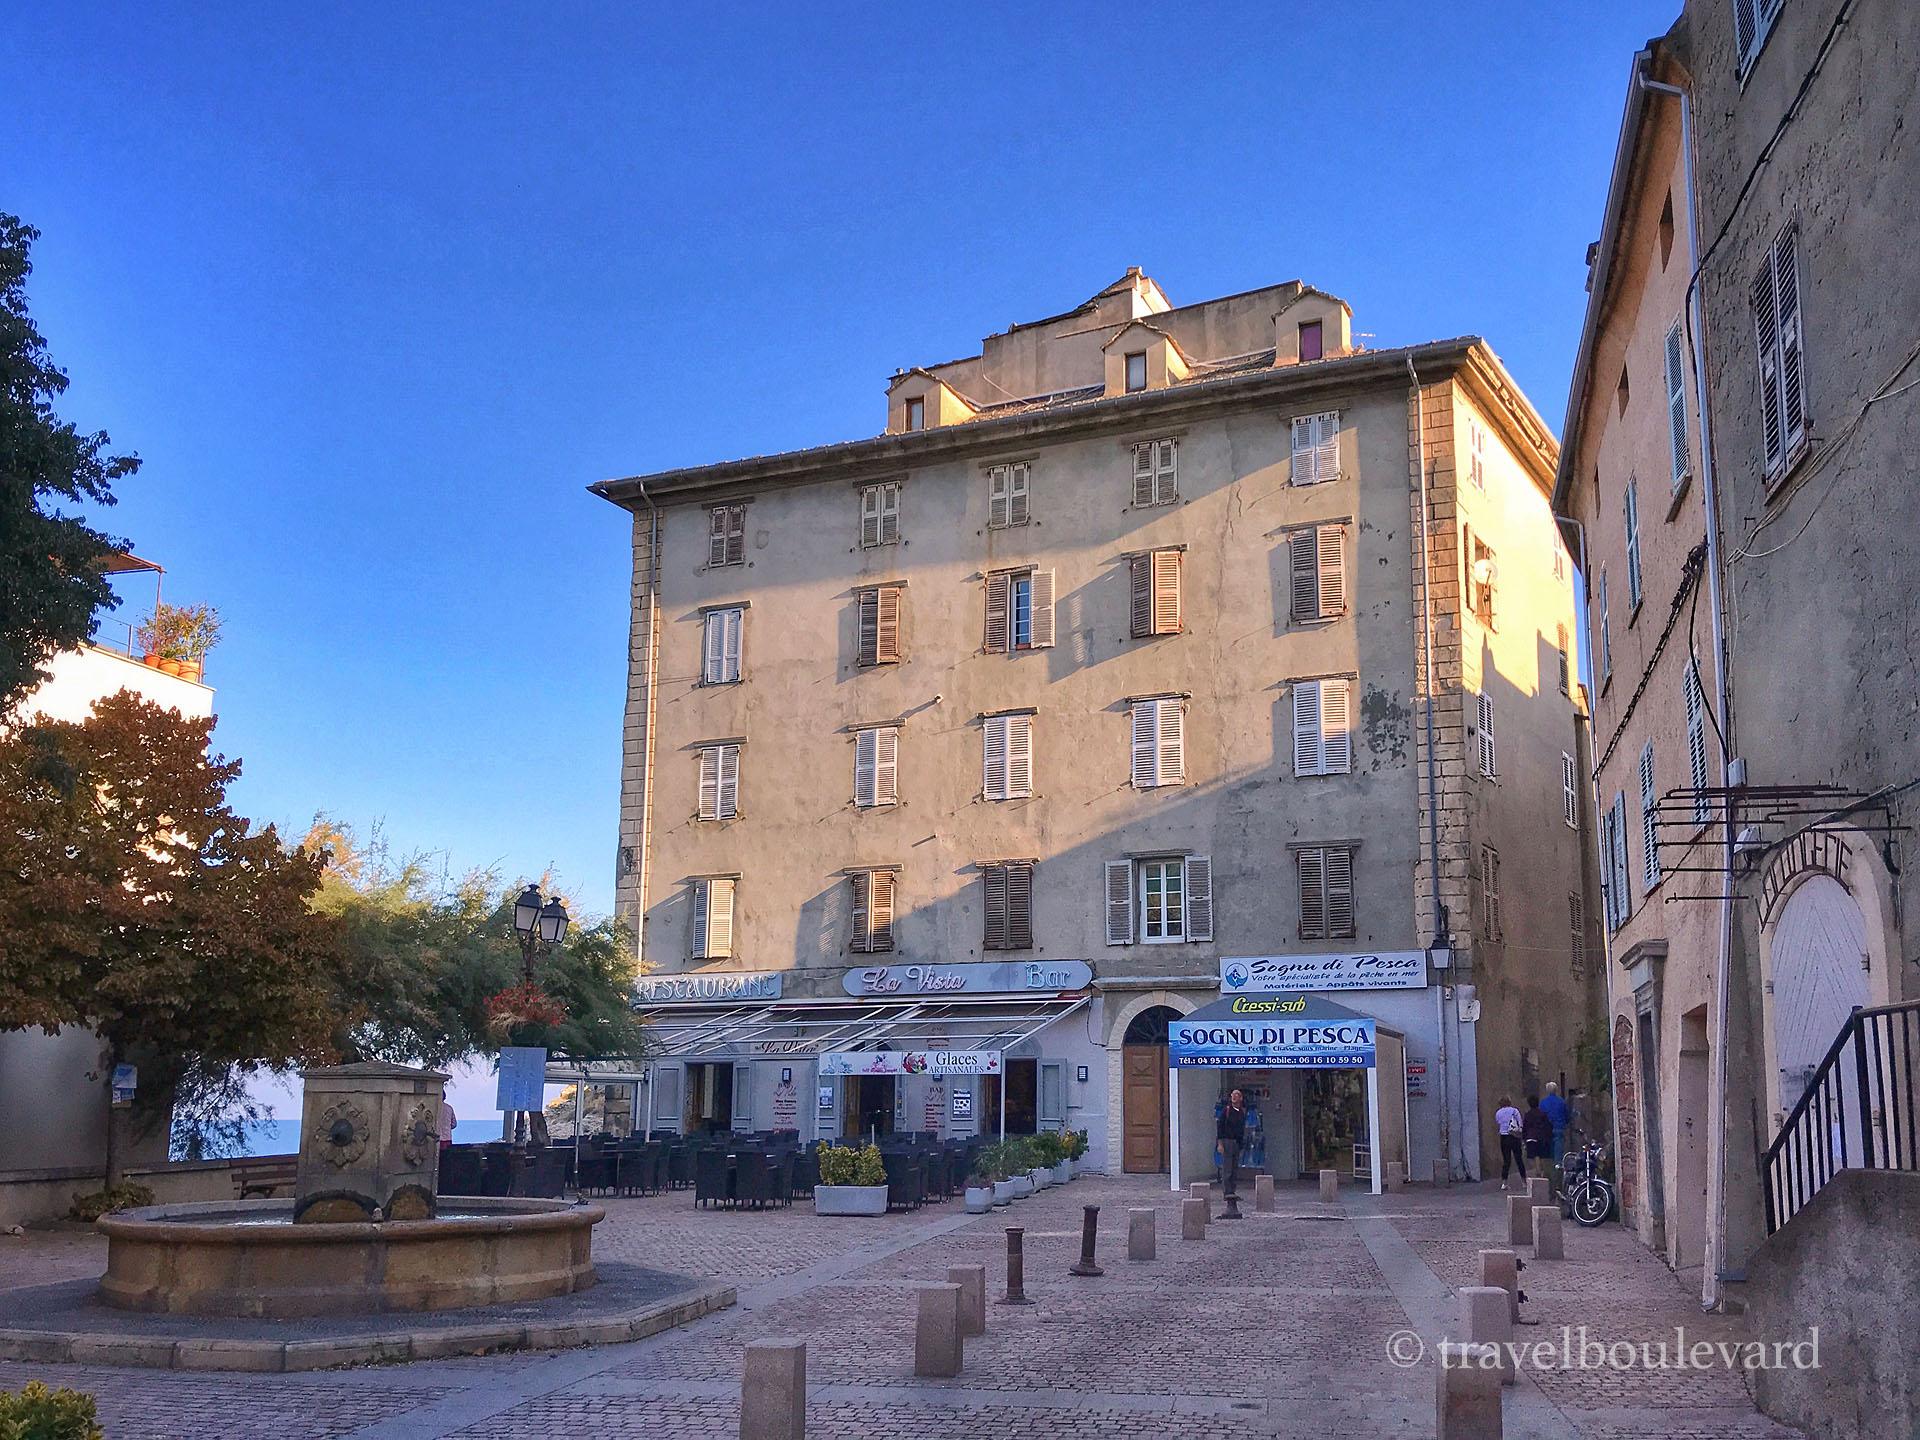 Corsica Saint-Florent